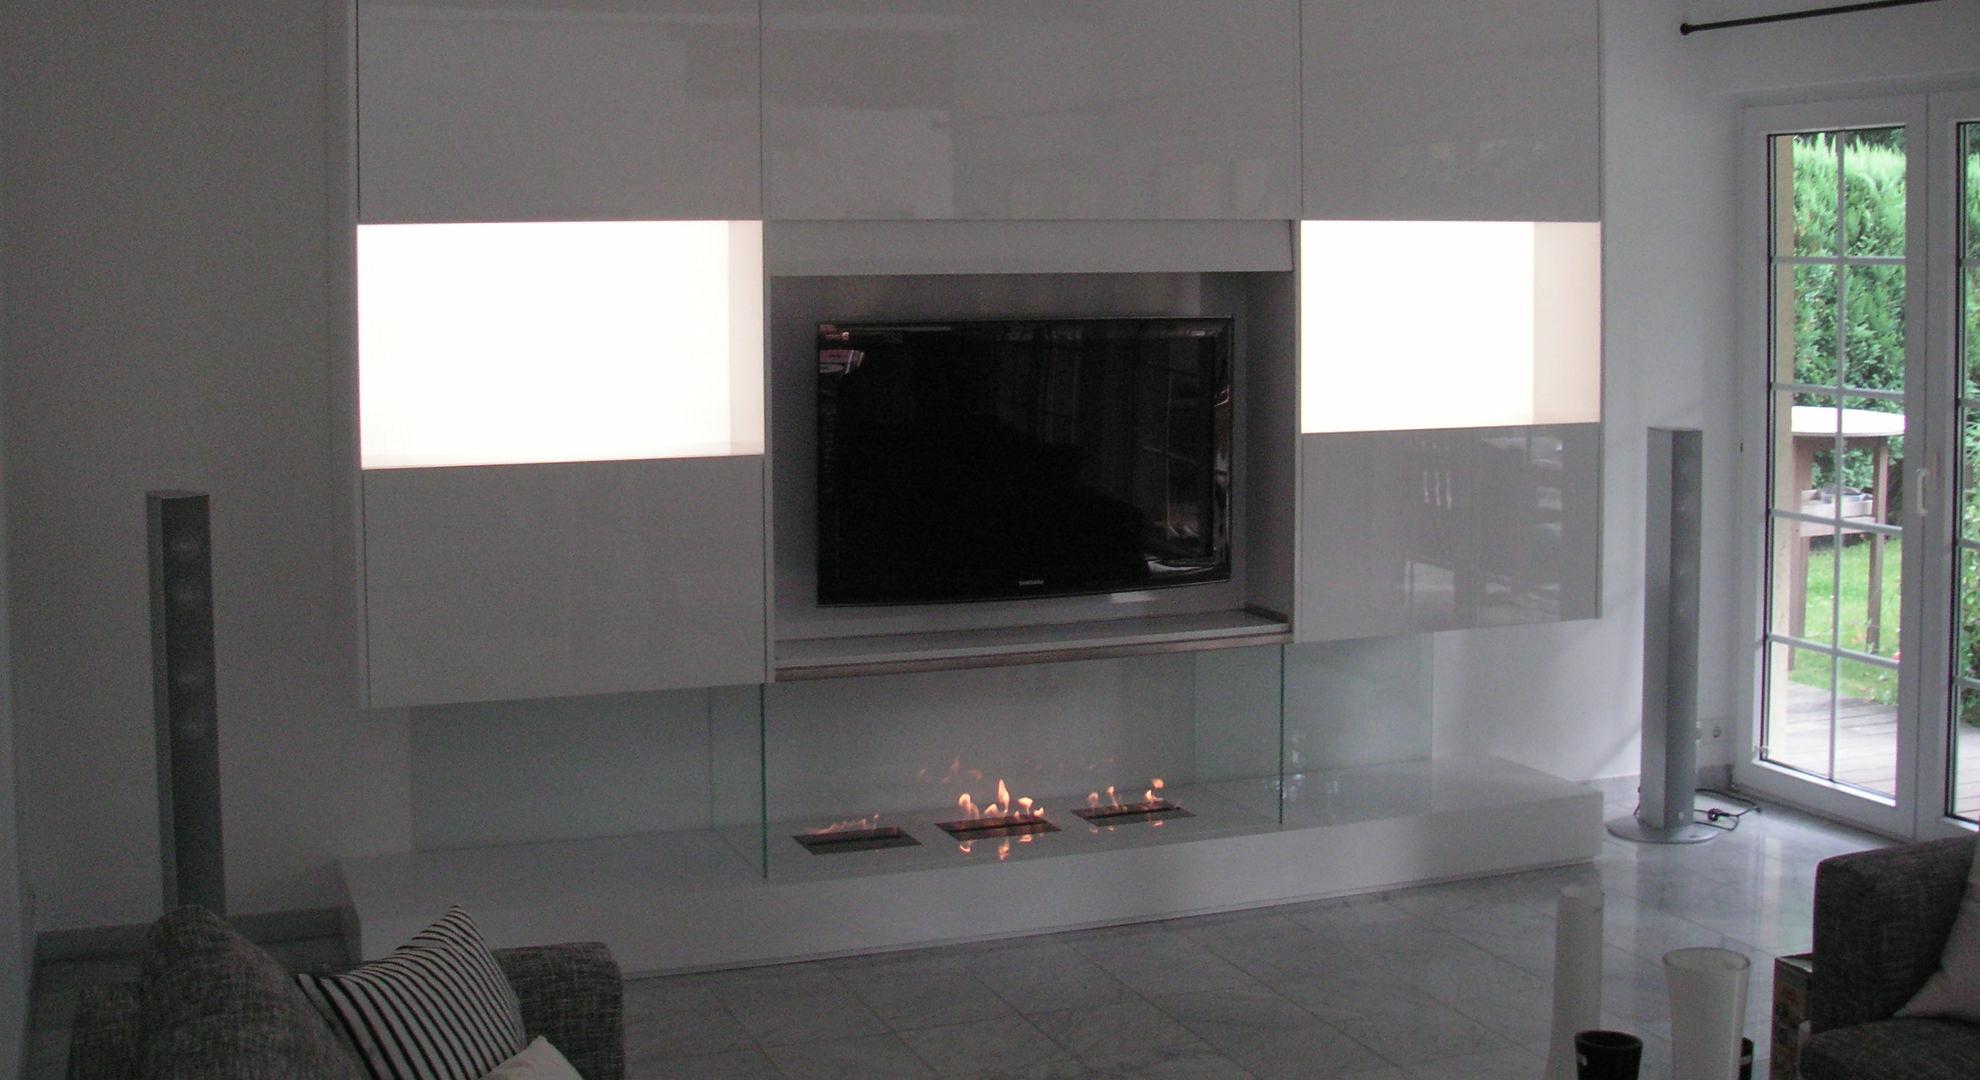 Wohnraumwand mit verstecktem Fernseher, Inneneinrichtung in Hochglanz.